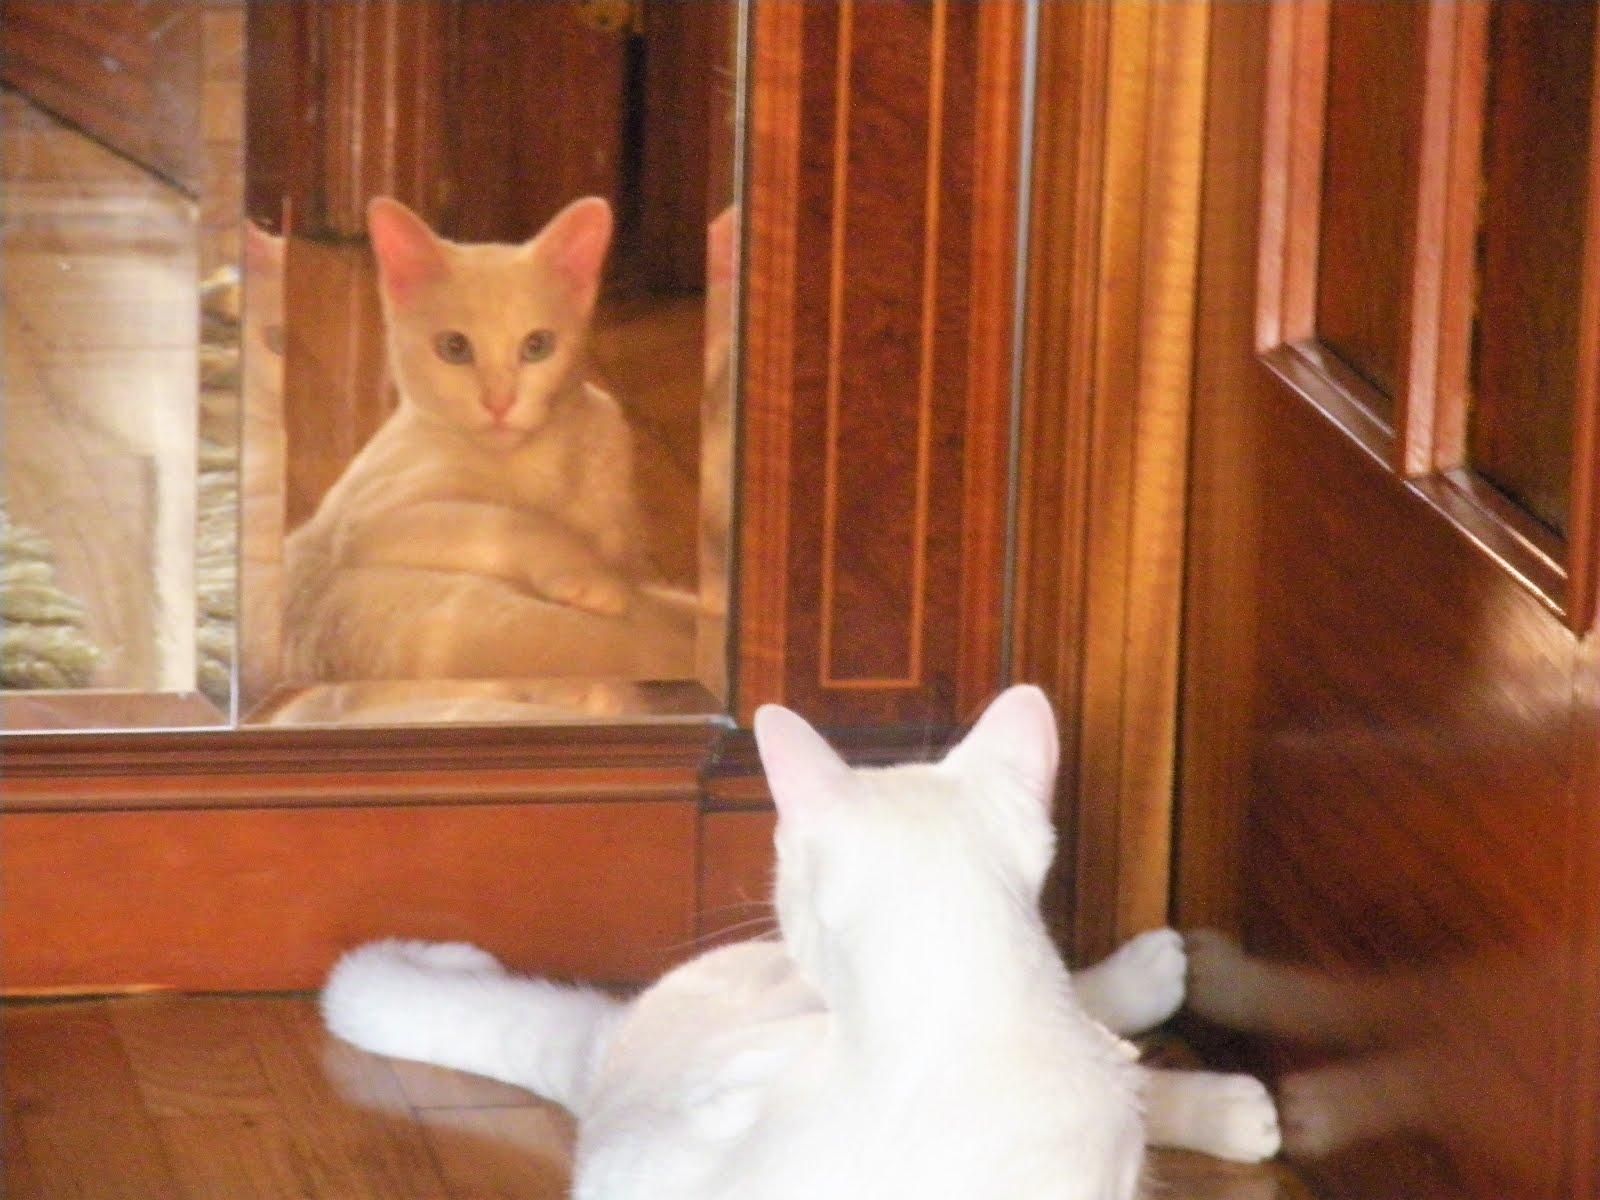 Lana en el espejo